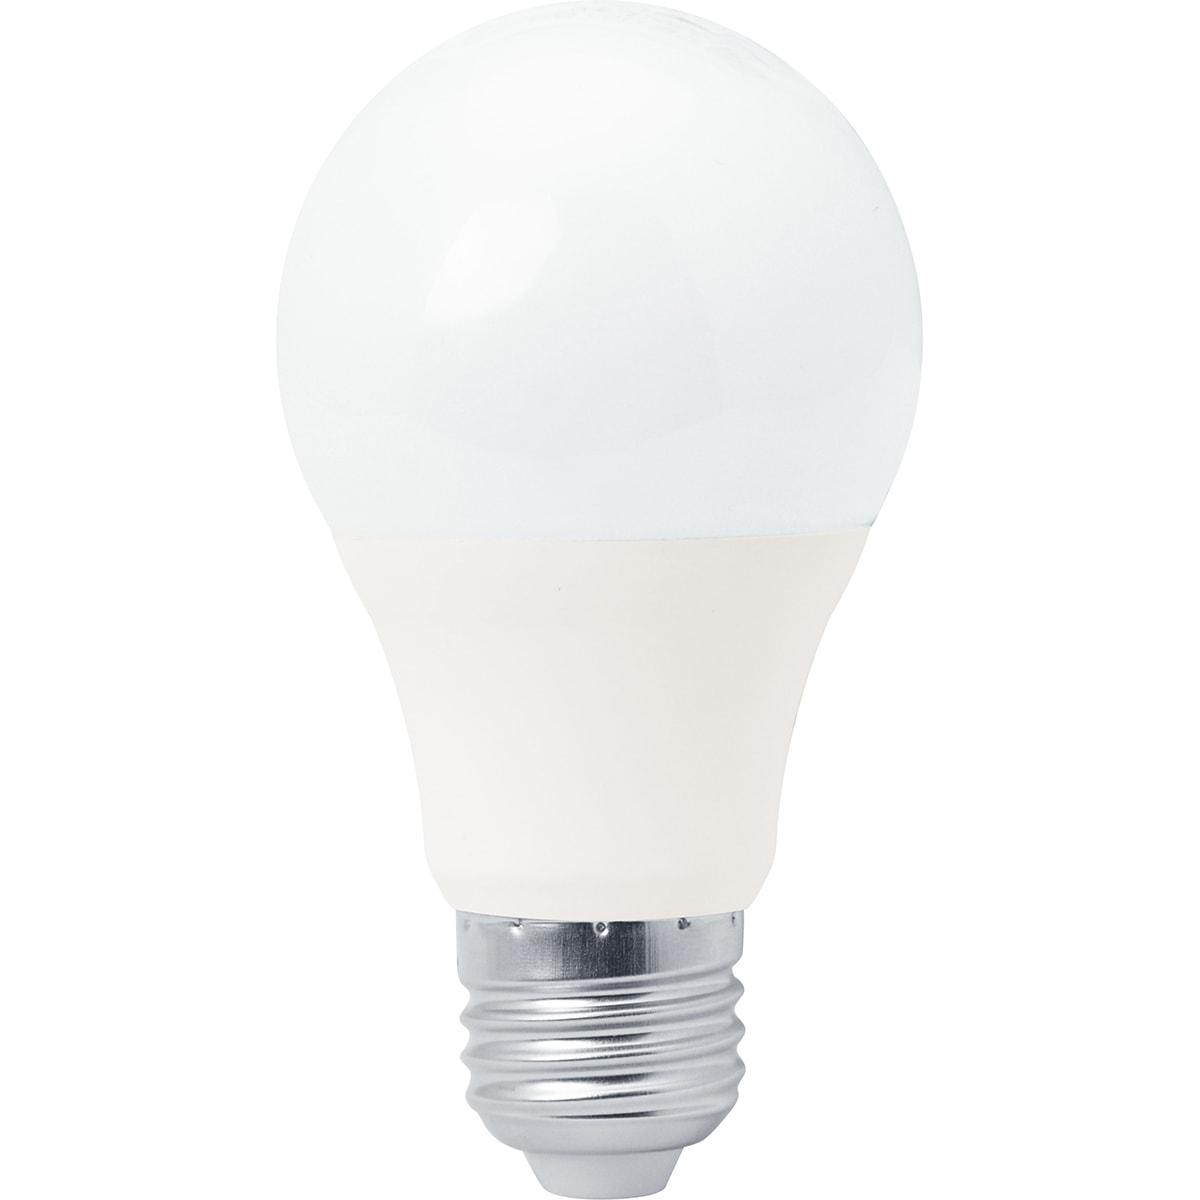 1年保証 LED電球 電球 led E26 6個セット LEDライト LED照明 E26口金 消費電力8.2W 昼白色タイプ:810lm 電球色タイプ:760lm 比較 長寿命 省エネ 照明器具 ■[送料無料]